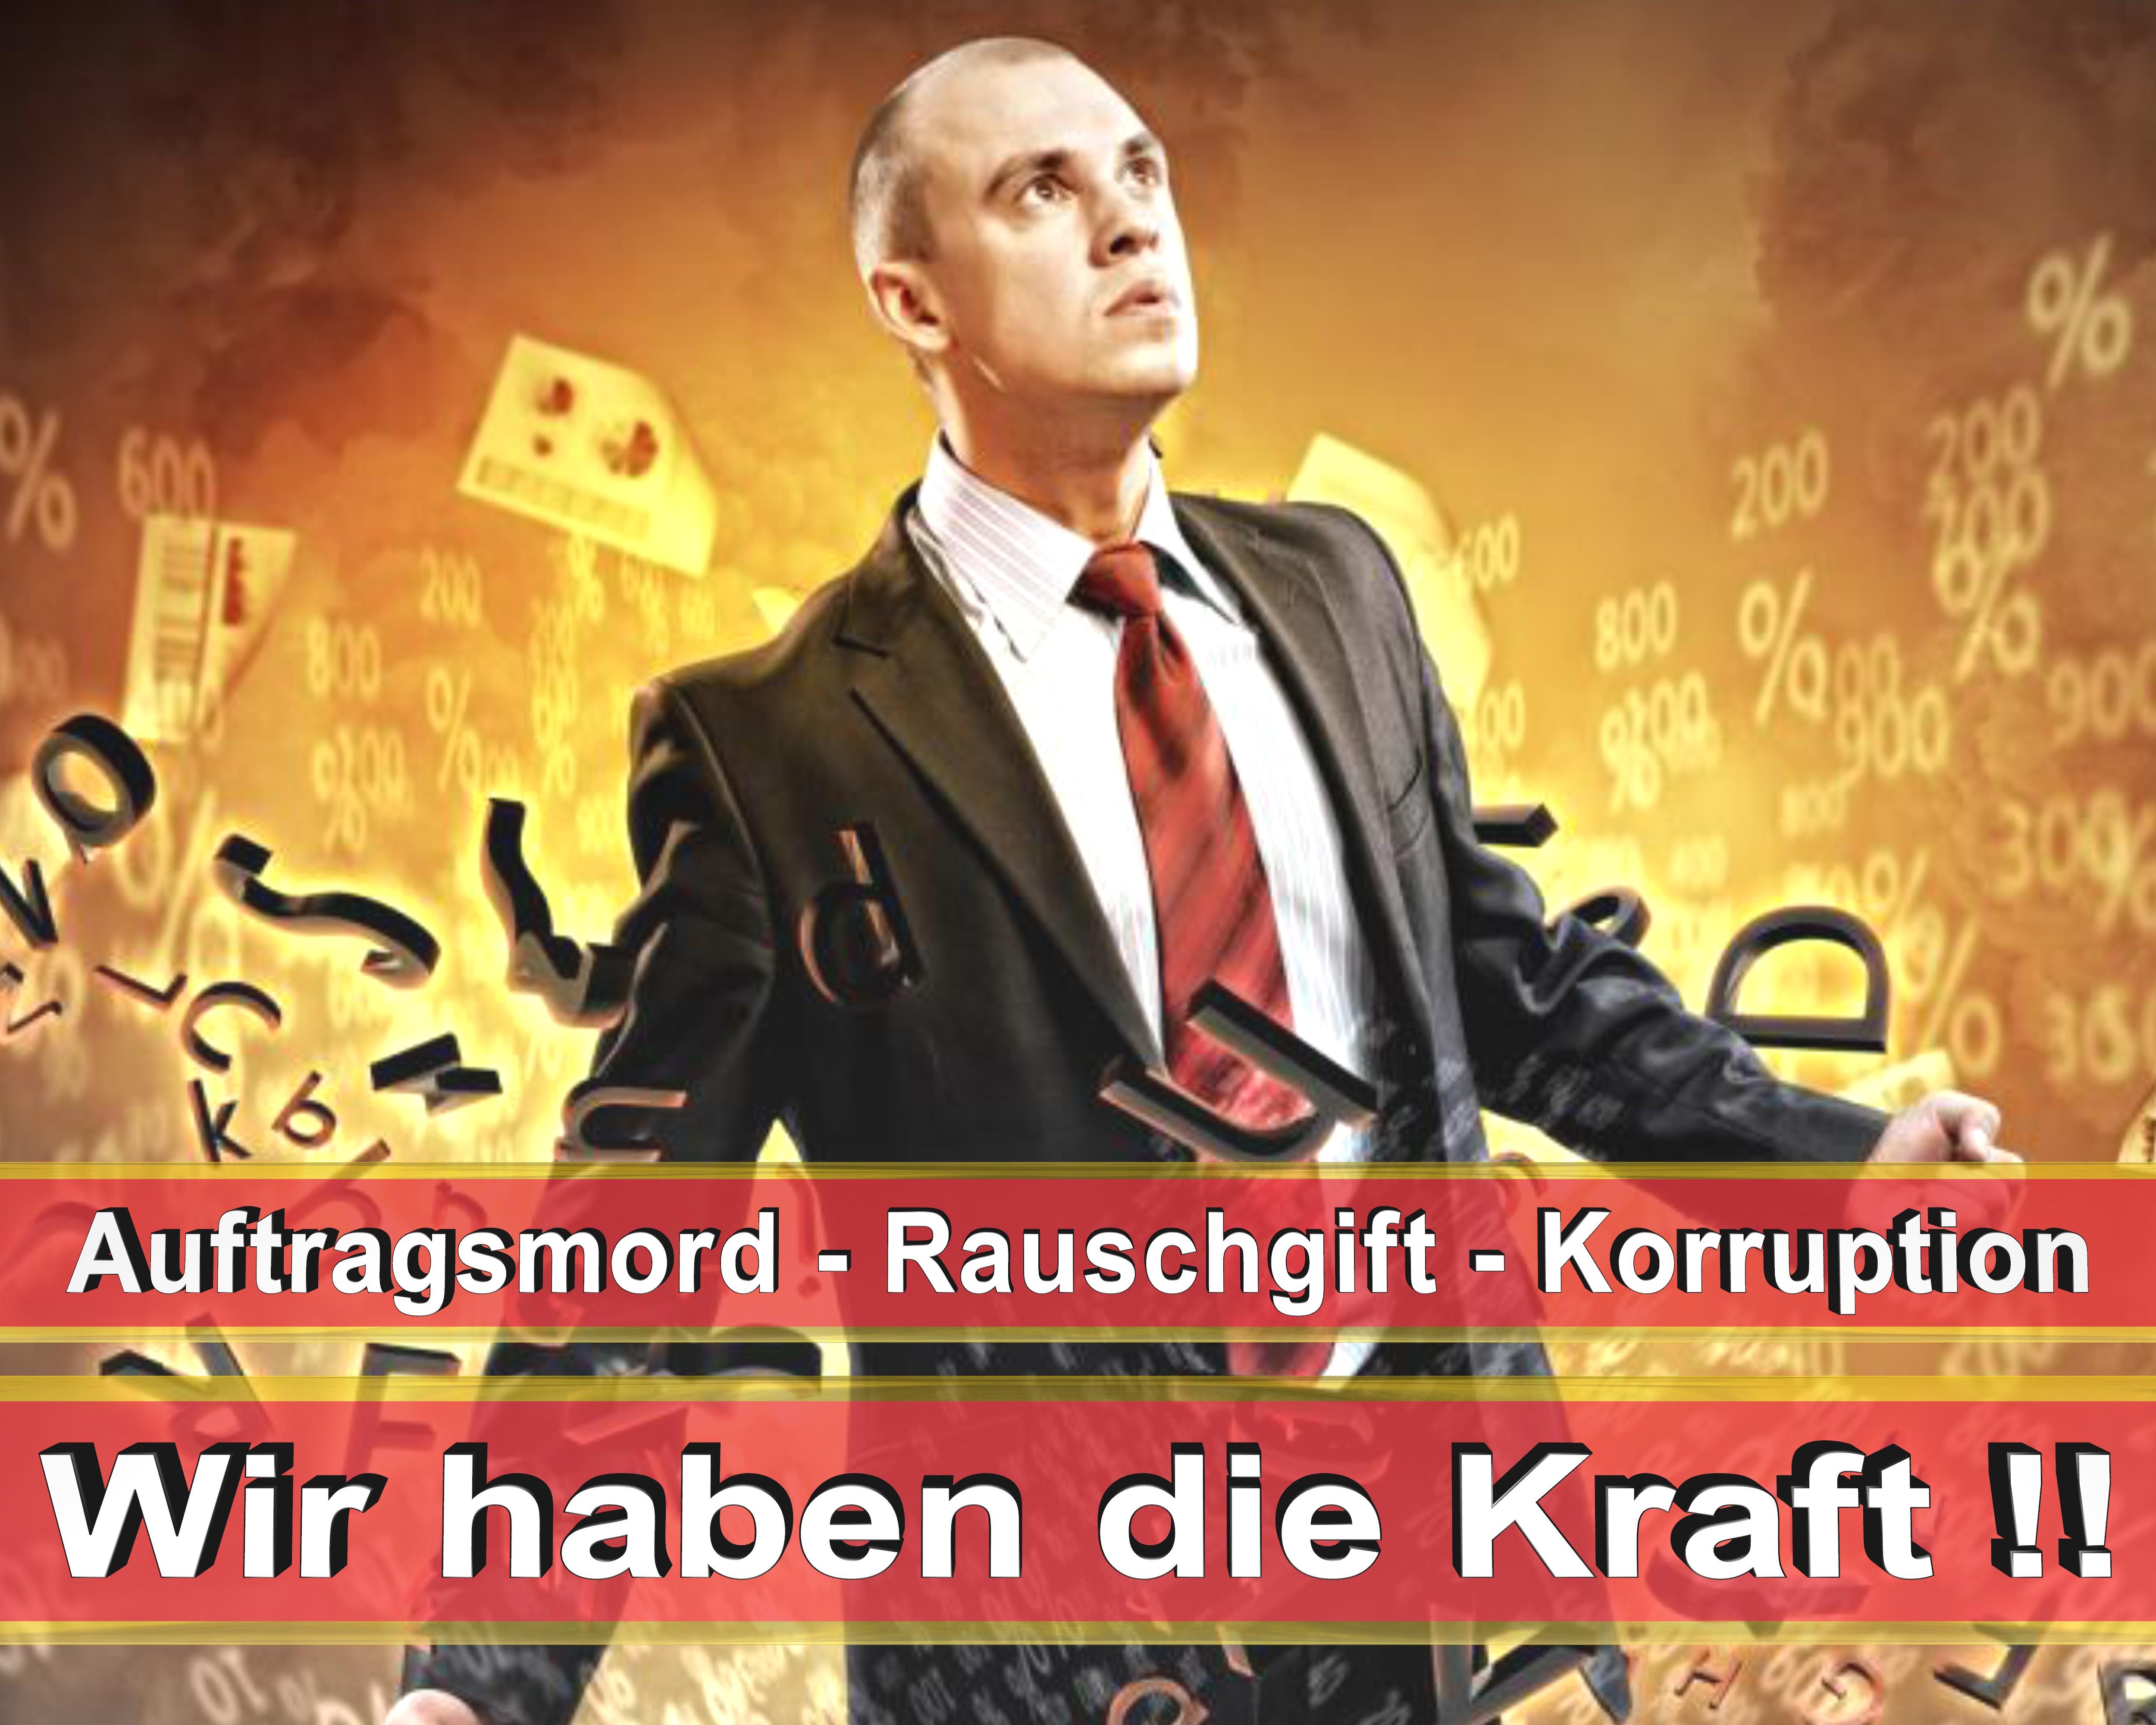 Bundestagswahl 2017 Wahlplakate CDU SPD FDP AFD NPD Angela Merkel Frauke Petry